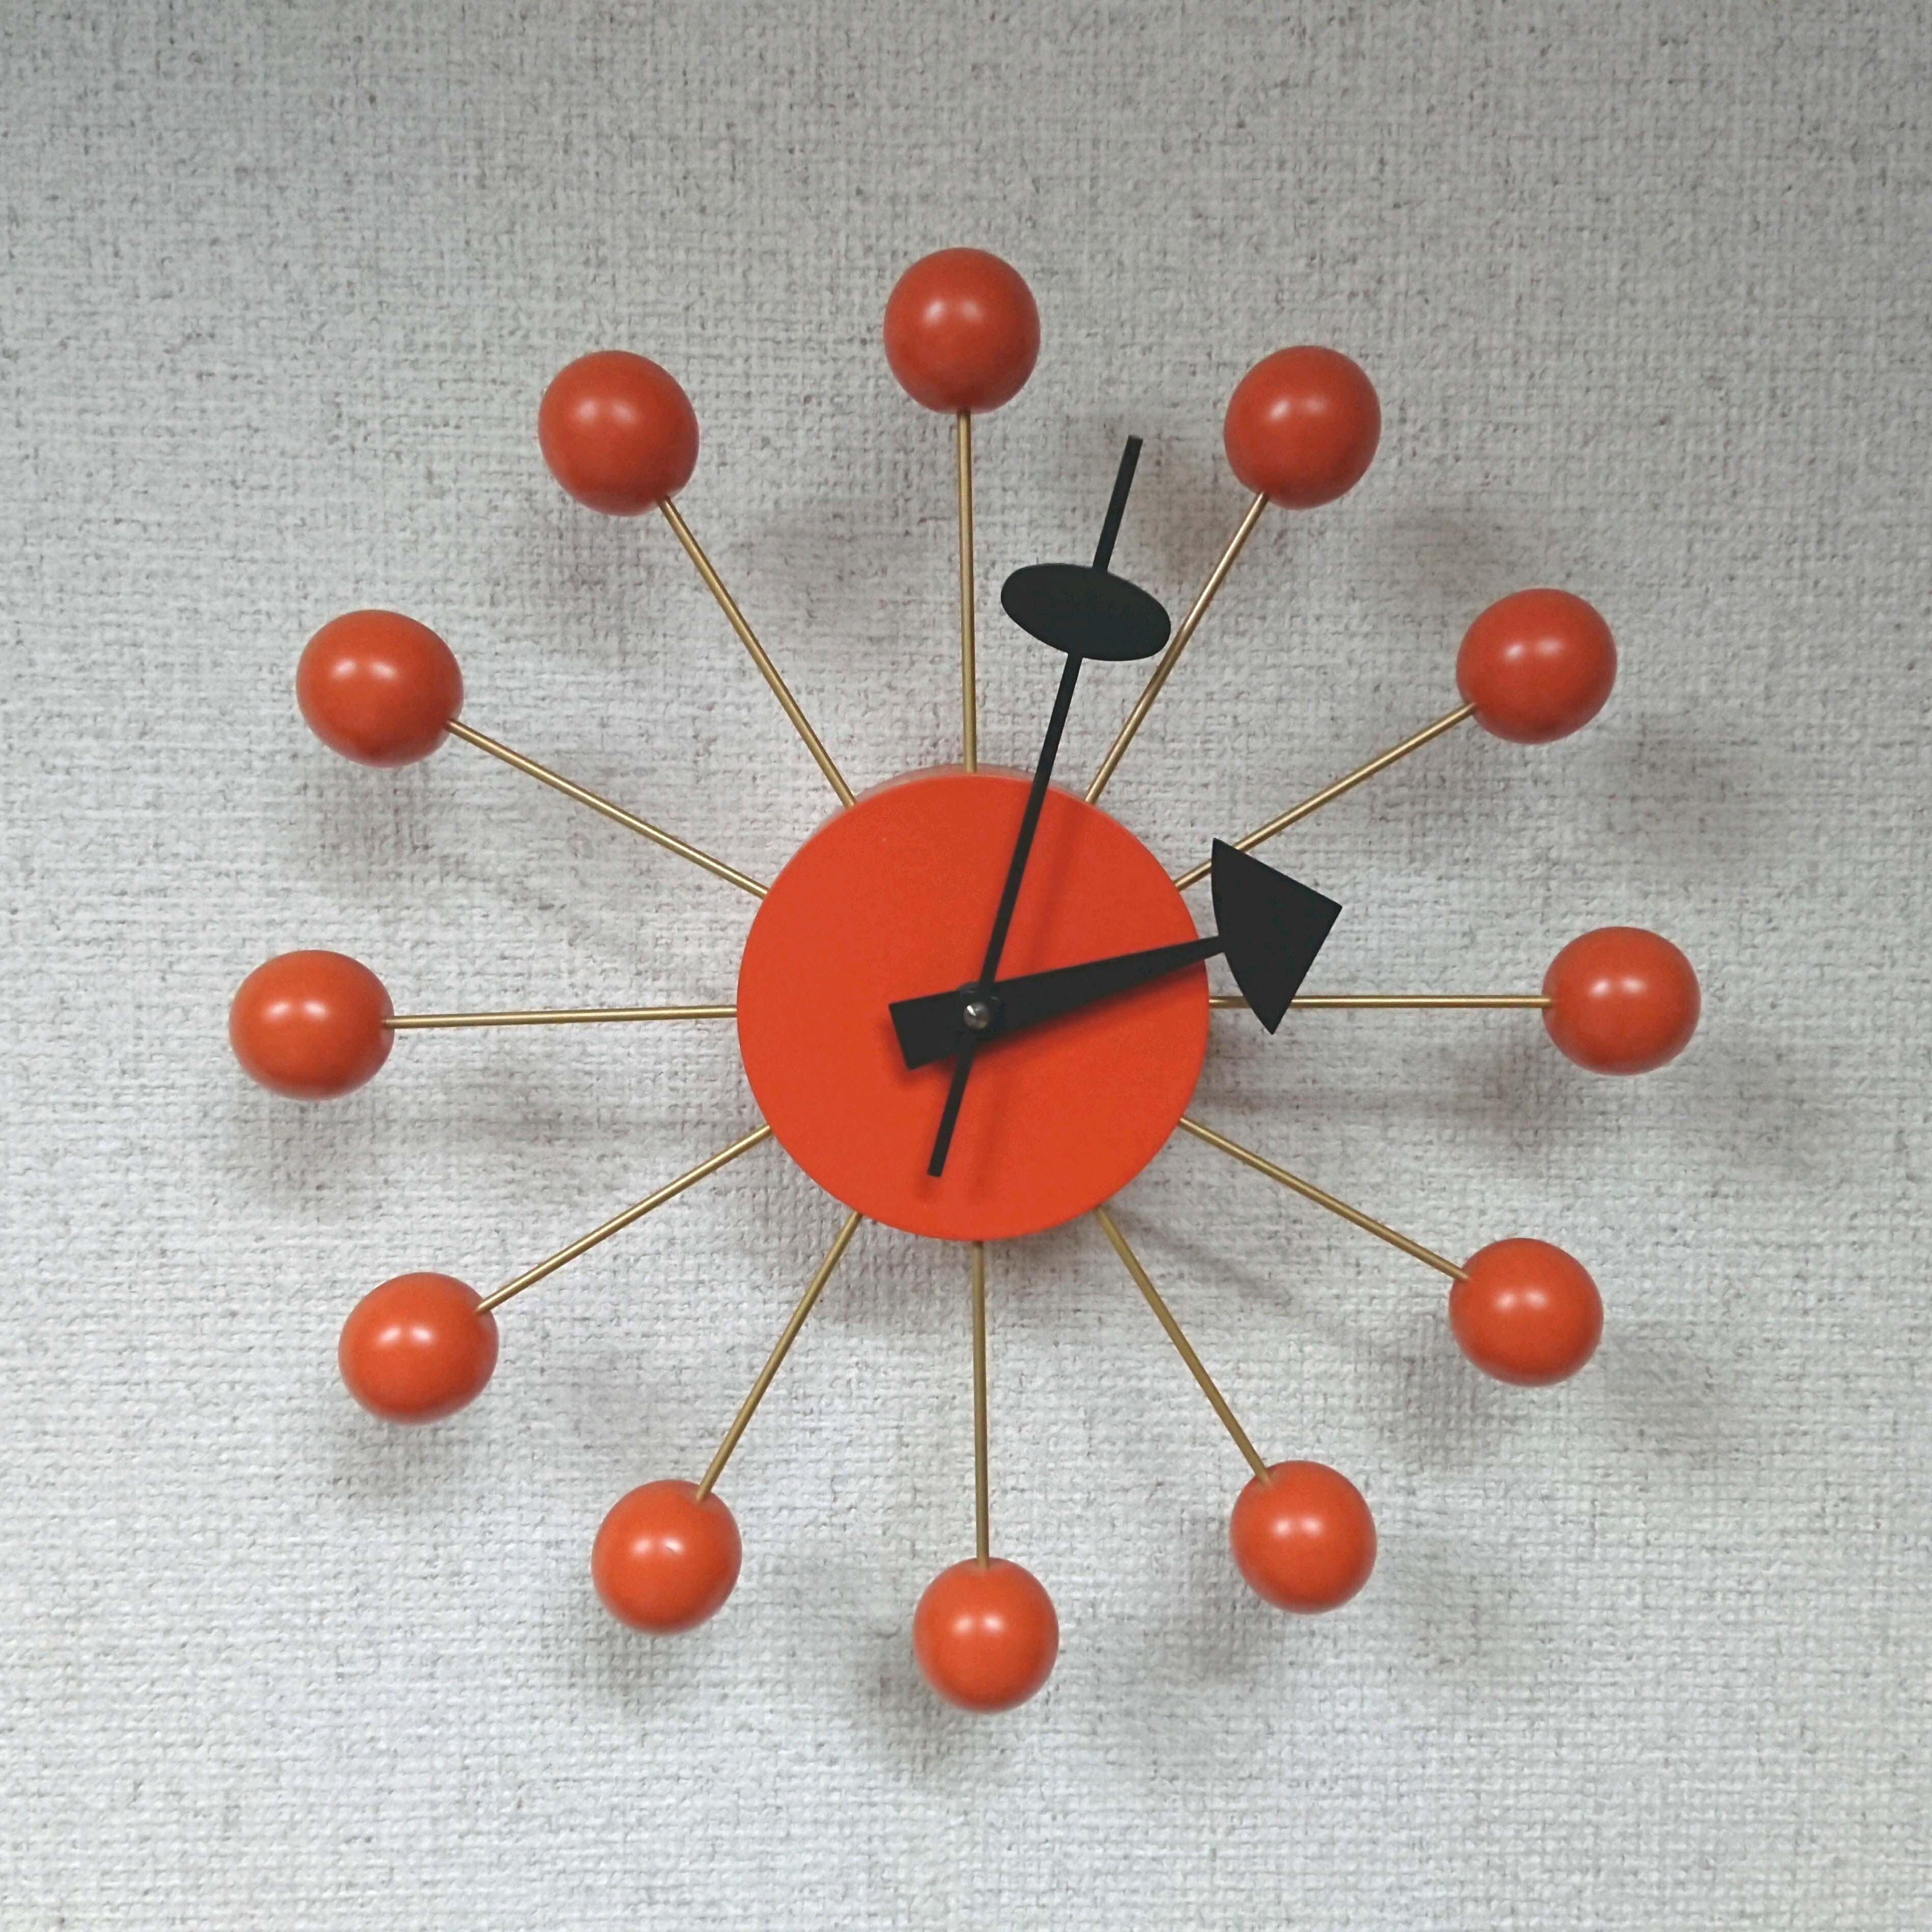 Vitra/ヴィトラ George Nelson/ジョージ・ネルソン ボールクロック 正規品 オレンジカラー ネルソンクロック